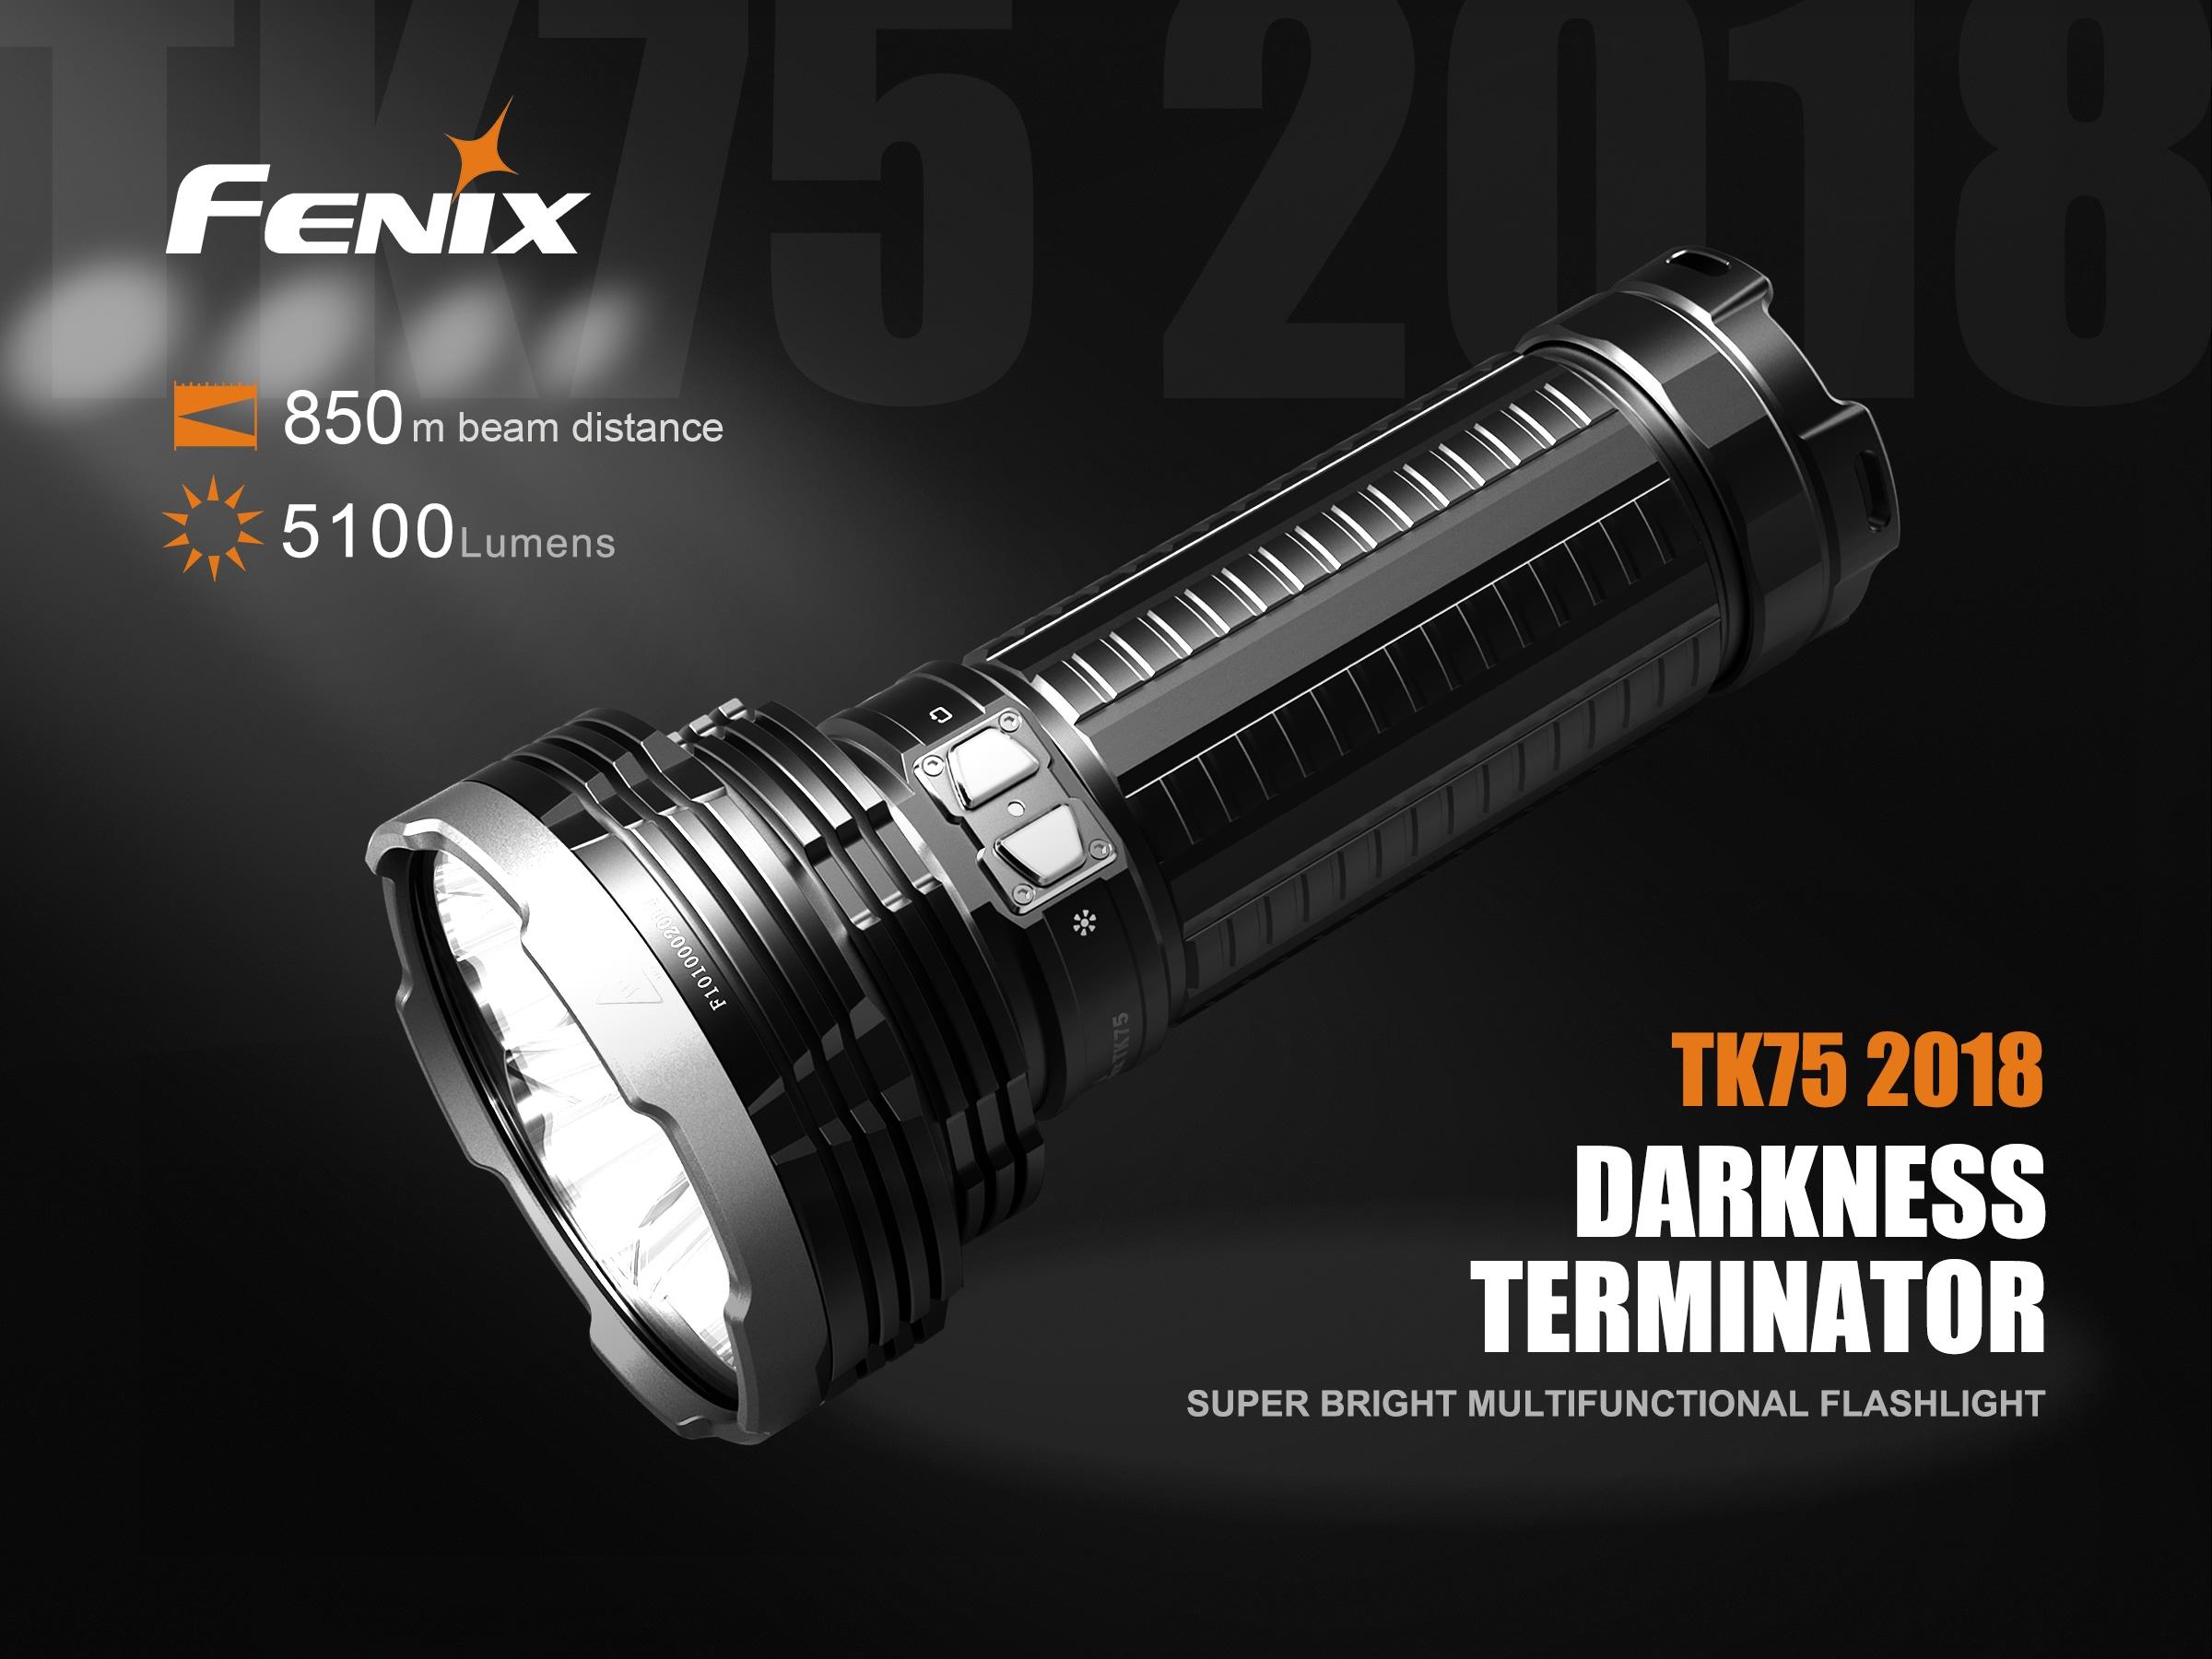 2018 4 Fenix ARB-L18 Akkus Fenix TK75 Mod Fenix ARE-C2+ Ladegerät